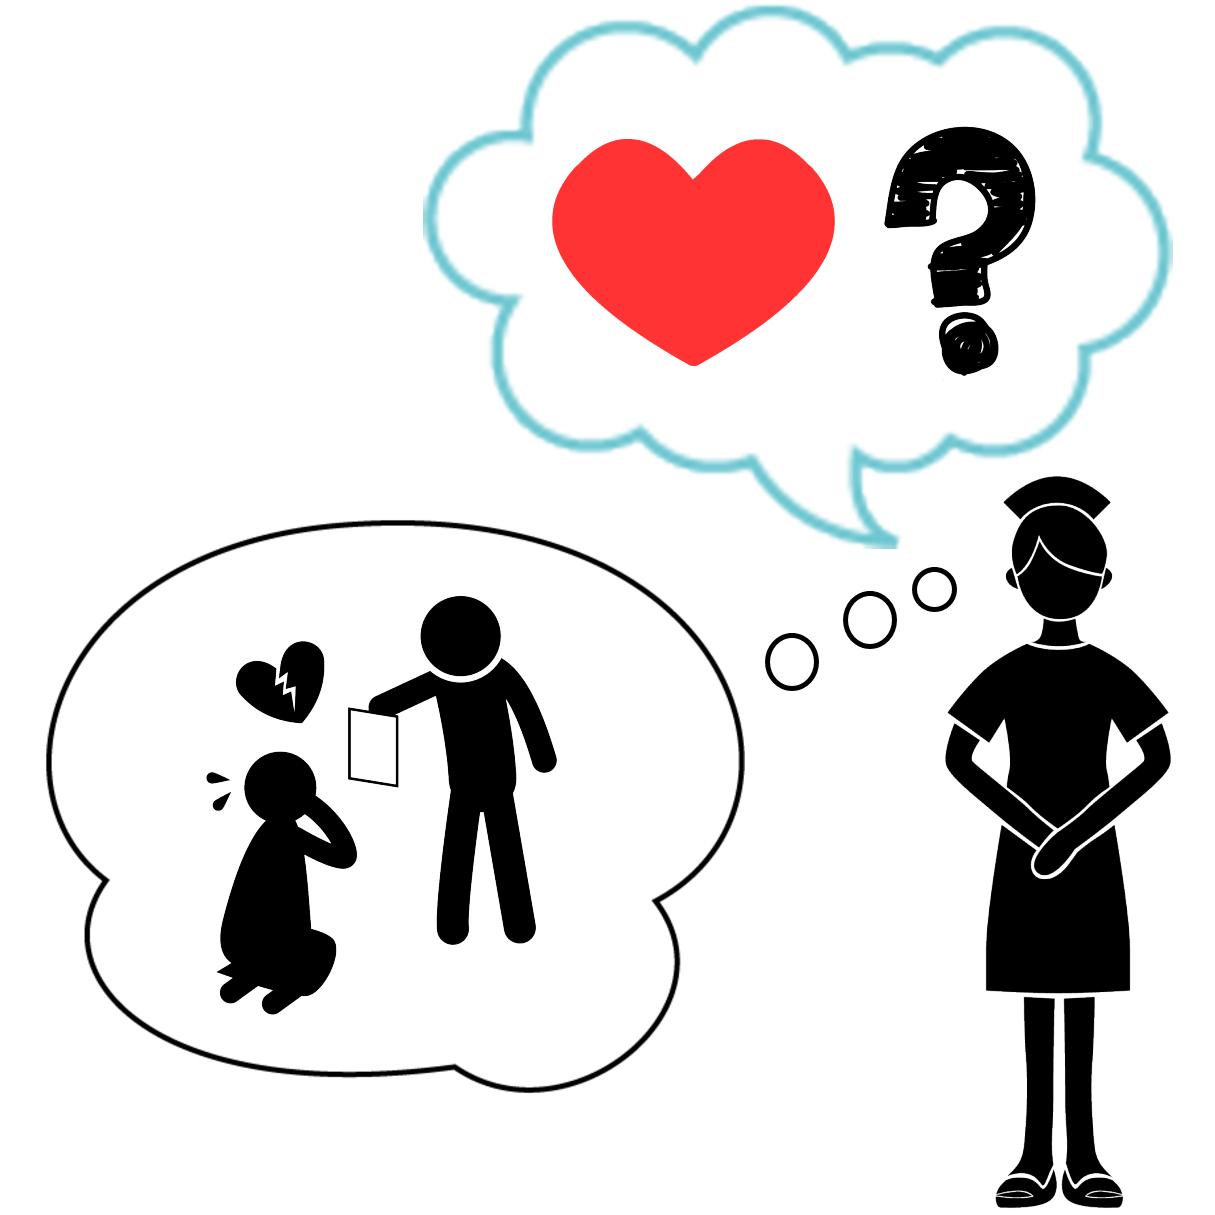 ケアテイカータイプの恋愛傾向と機能不全家族の関係を表すイラスト